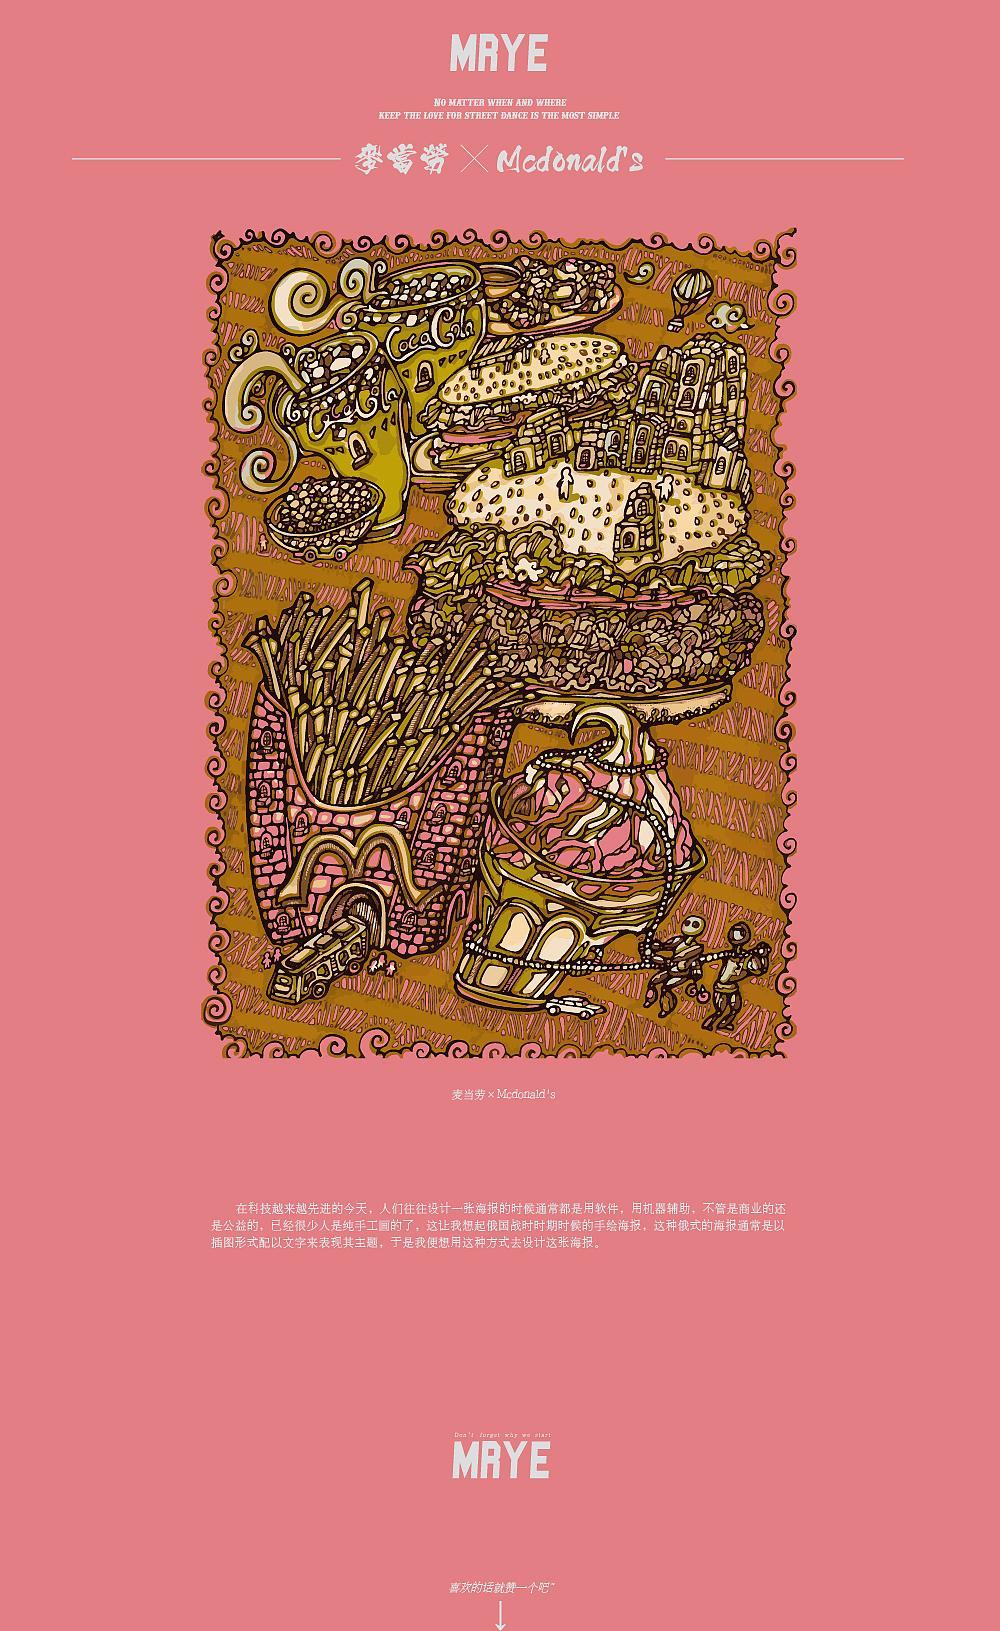 《麦当劳的手绘创意海报》